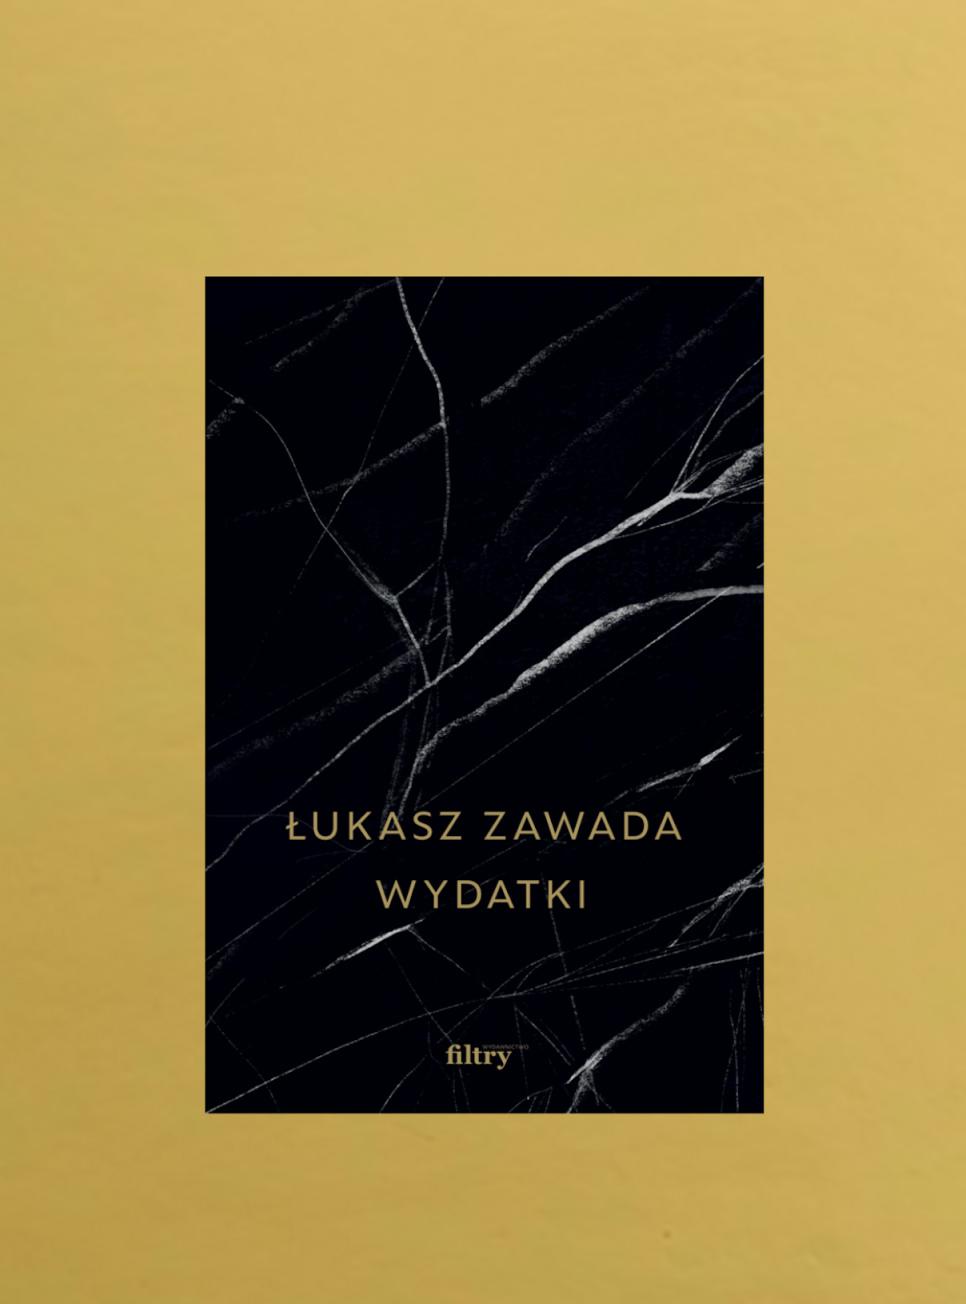 Wydatki Lukasz Zawada okladka tlo